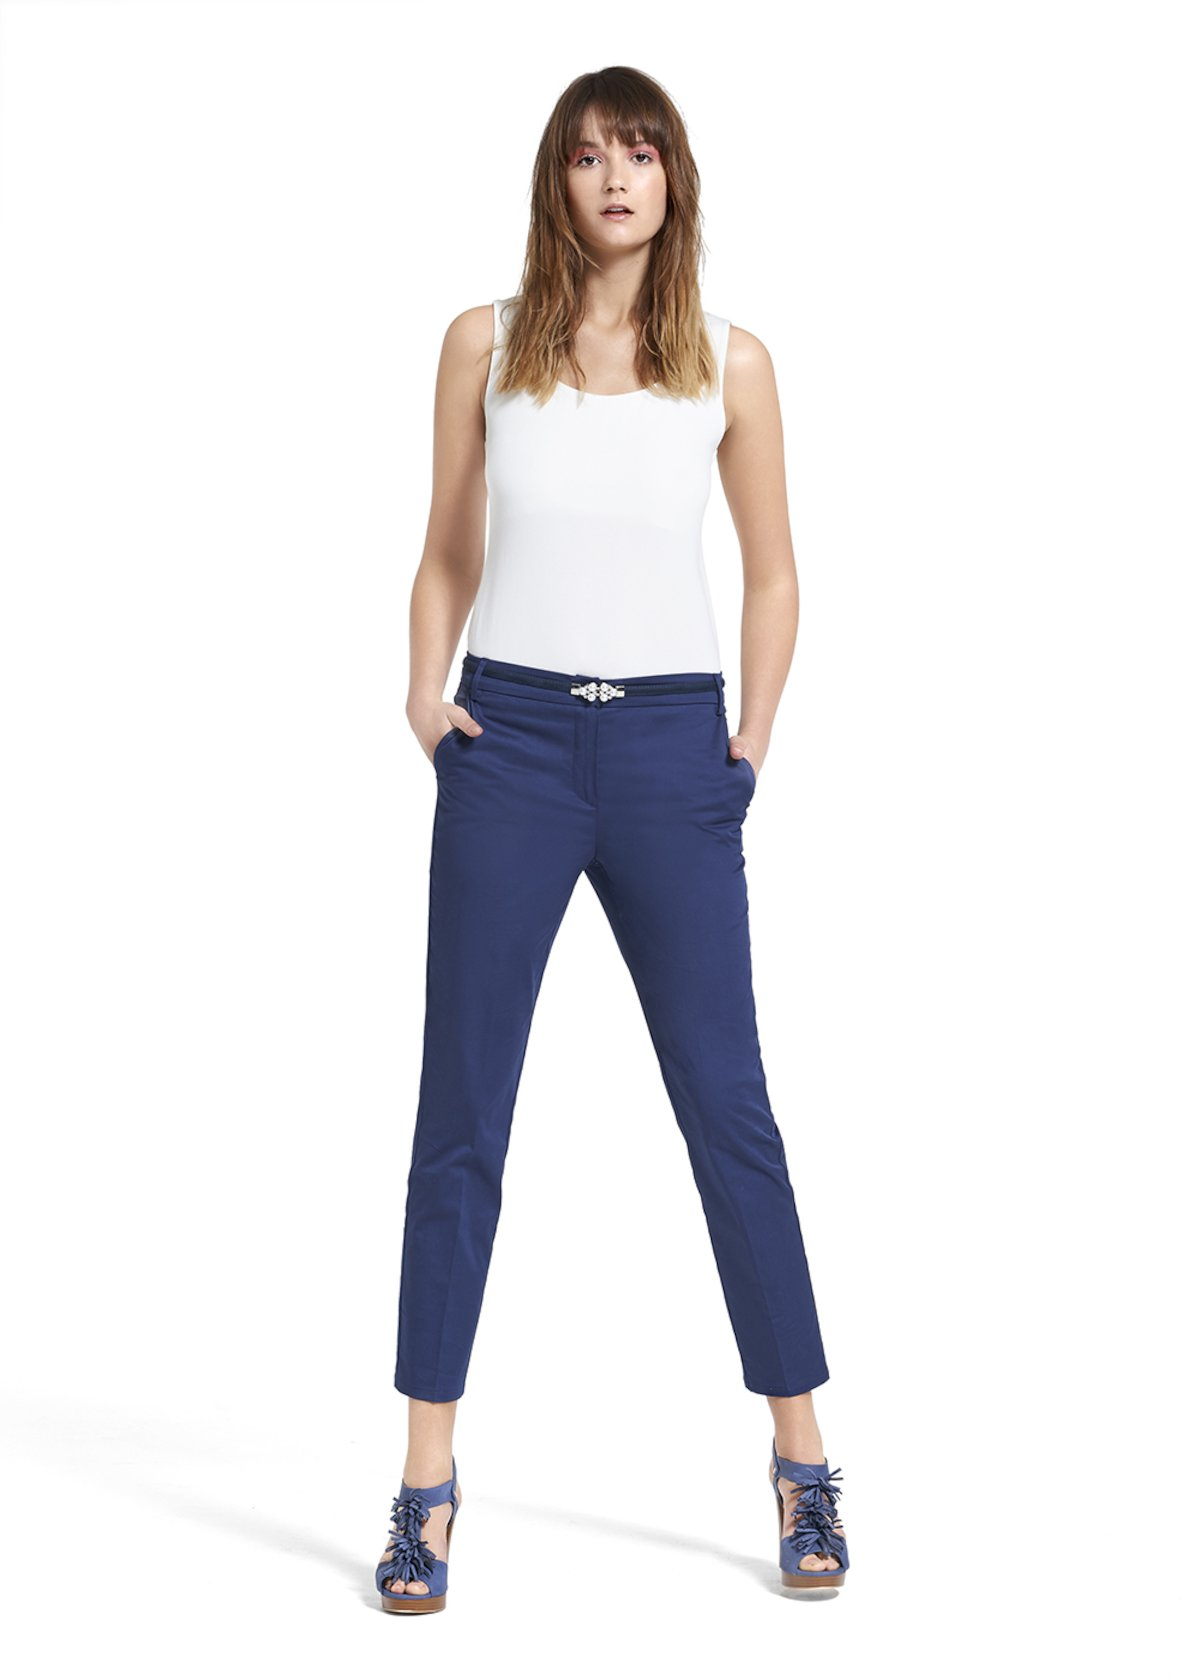 Pantaloni Patric modello hunter - Medium Blue - Donna - Immagine categoria